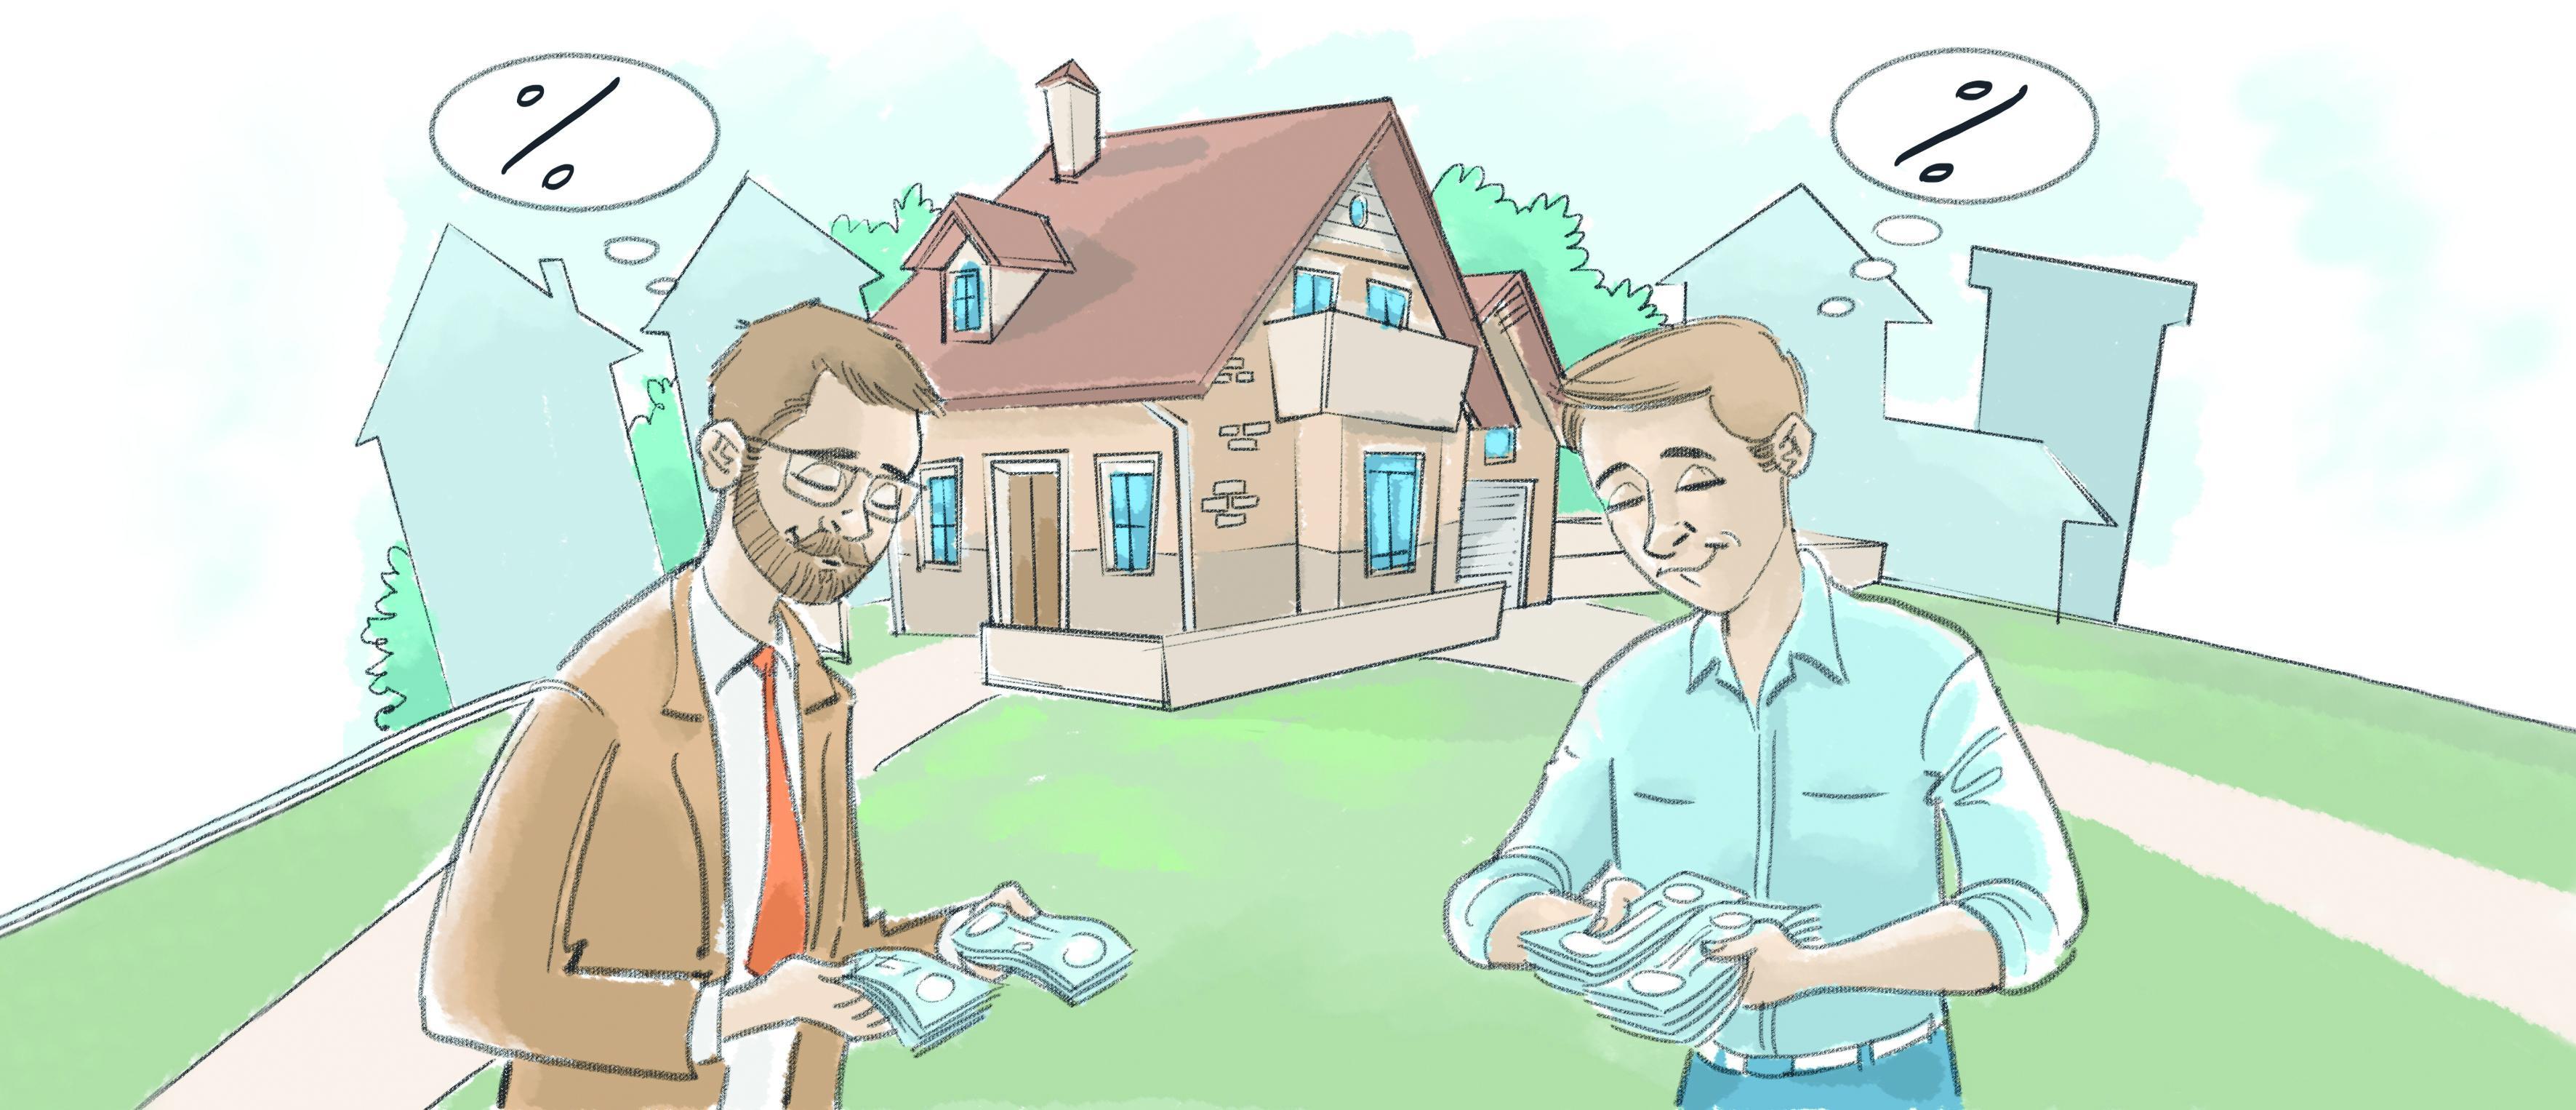 Affitto Chi Paga Le Spese L Inquilino O Il Proprietario Cose Di